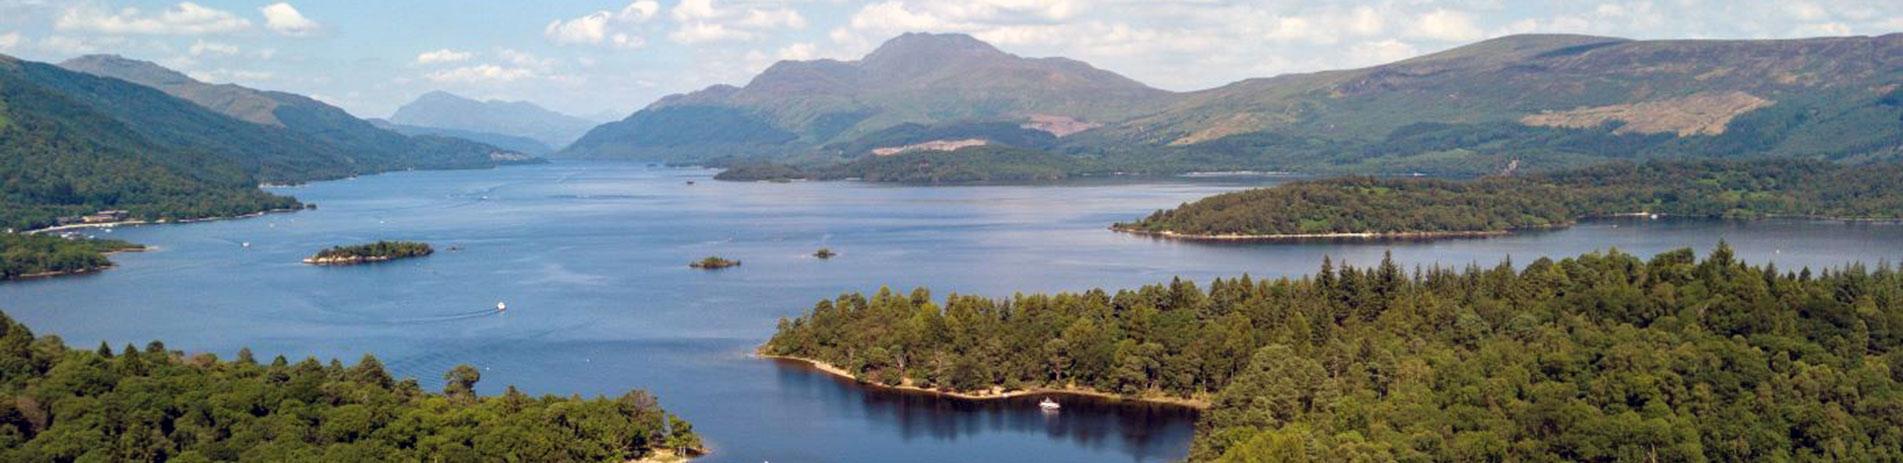 Home Respect Your Park Loch Lomond The Trossachs National Park